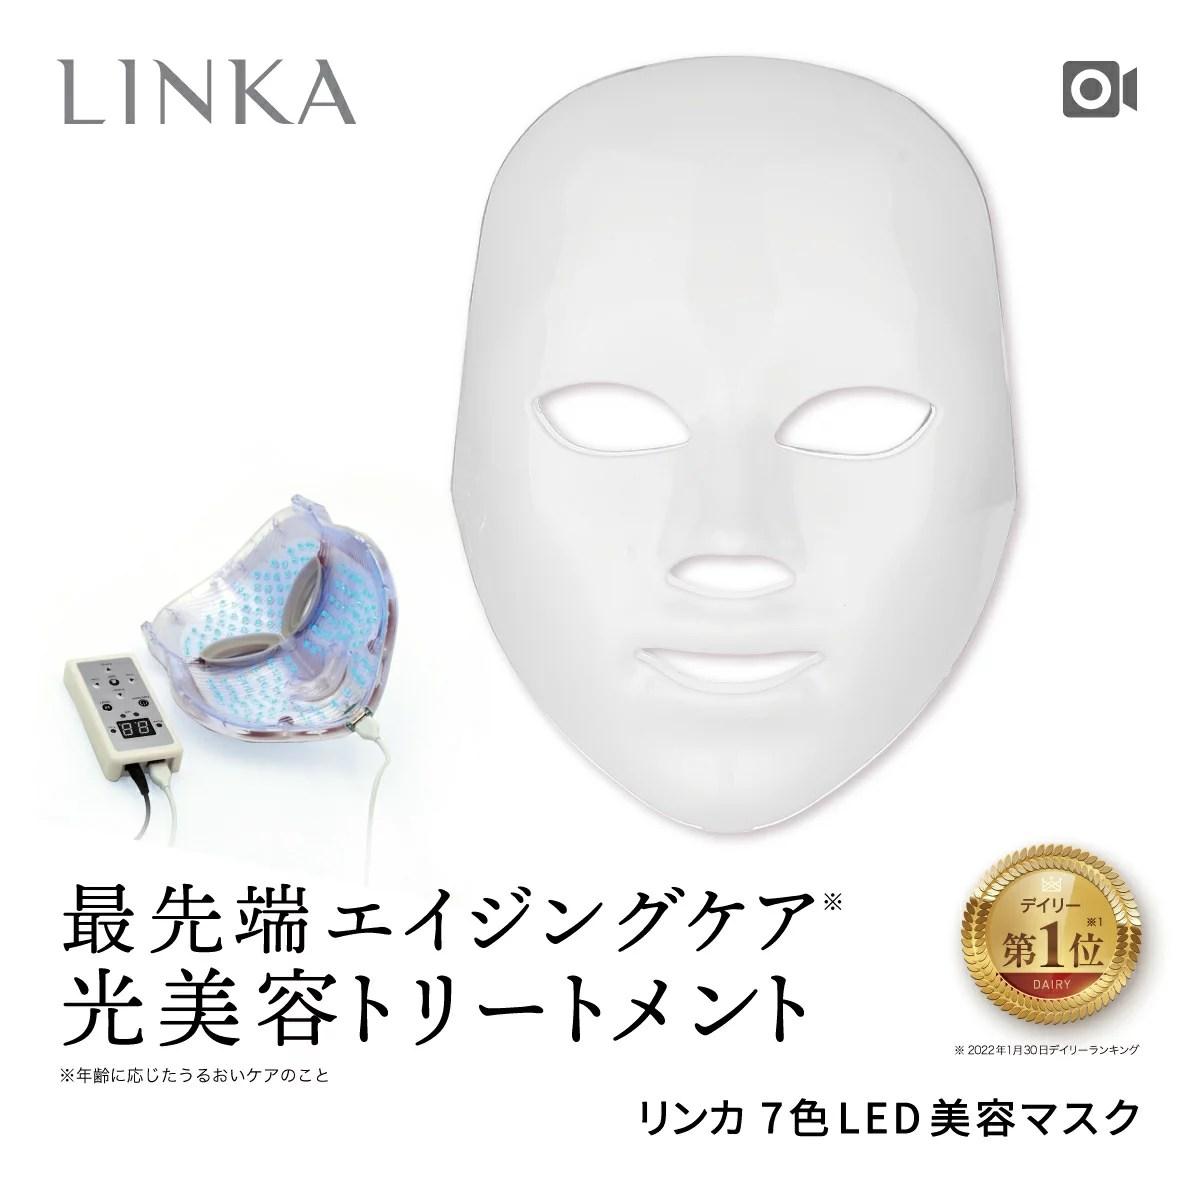 【自宅で簡単リフトアップ】 美顔器 LINKA 7色LED美容マスク リフトアッ